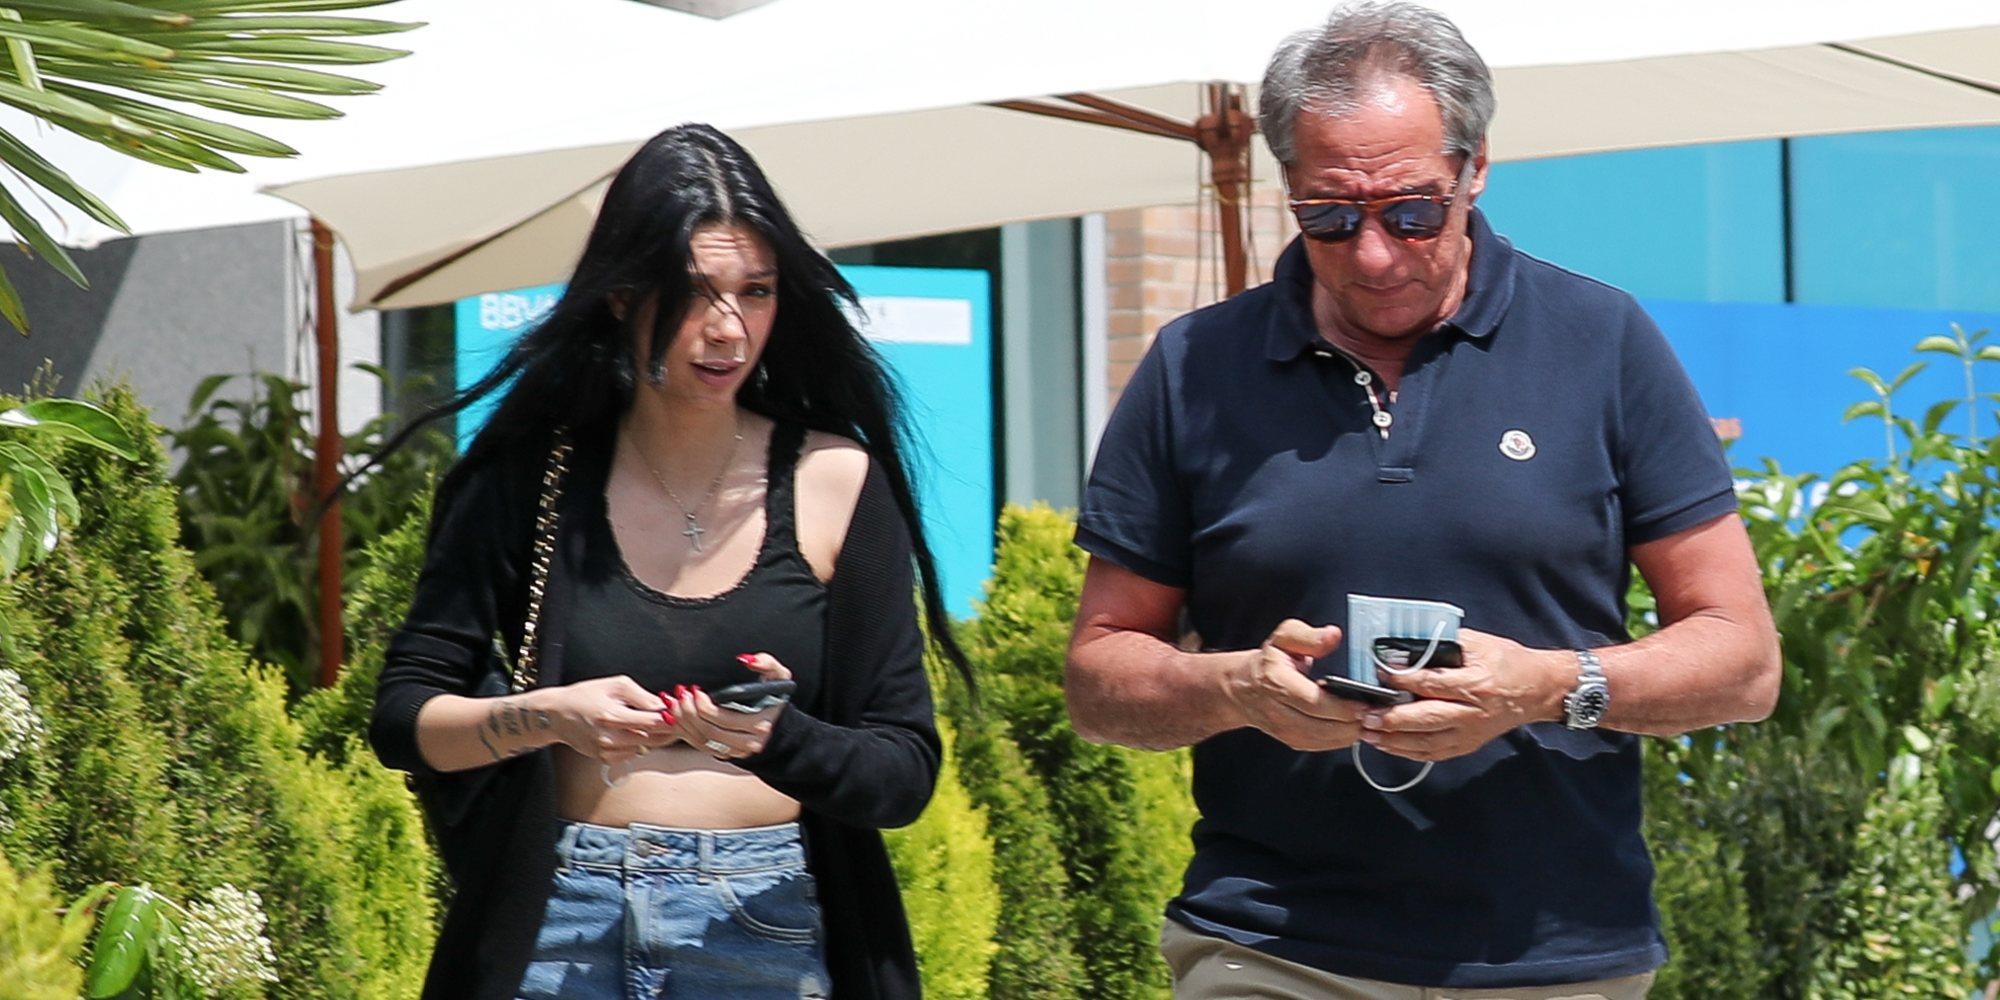 Alejandra Rubio se reencuentra con su padre Alejandro en la Fase 1 tras meses sin verse